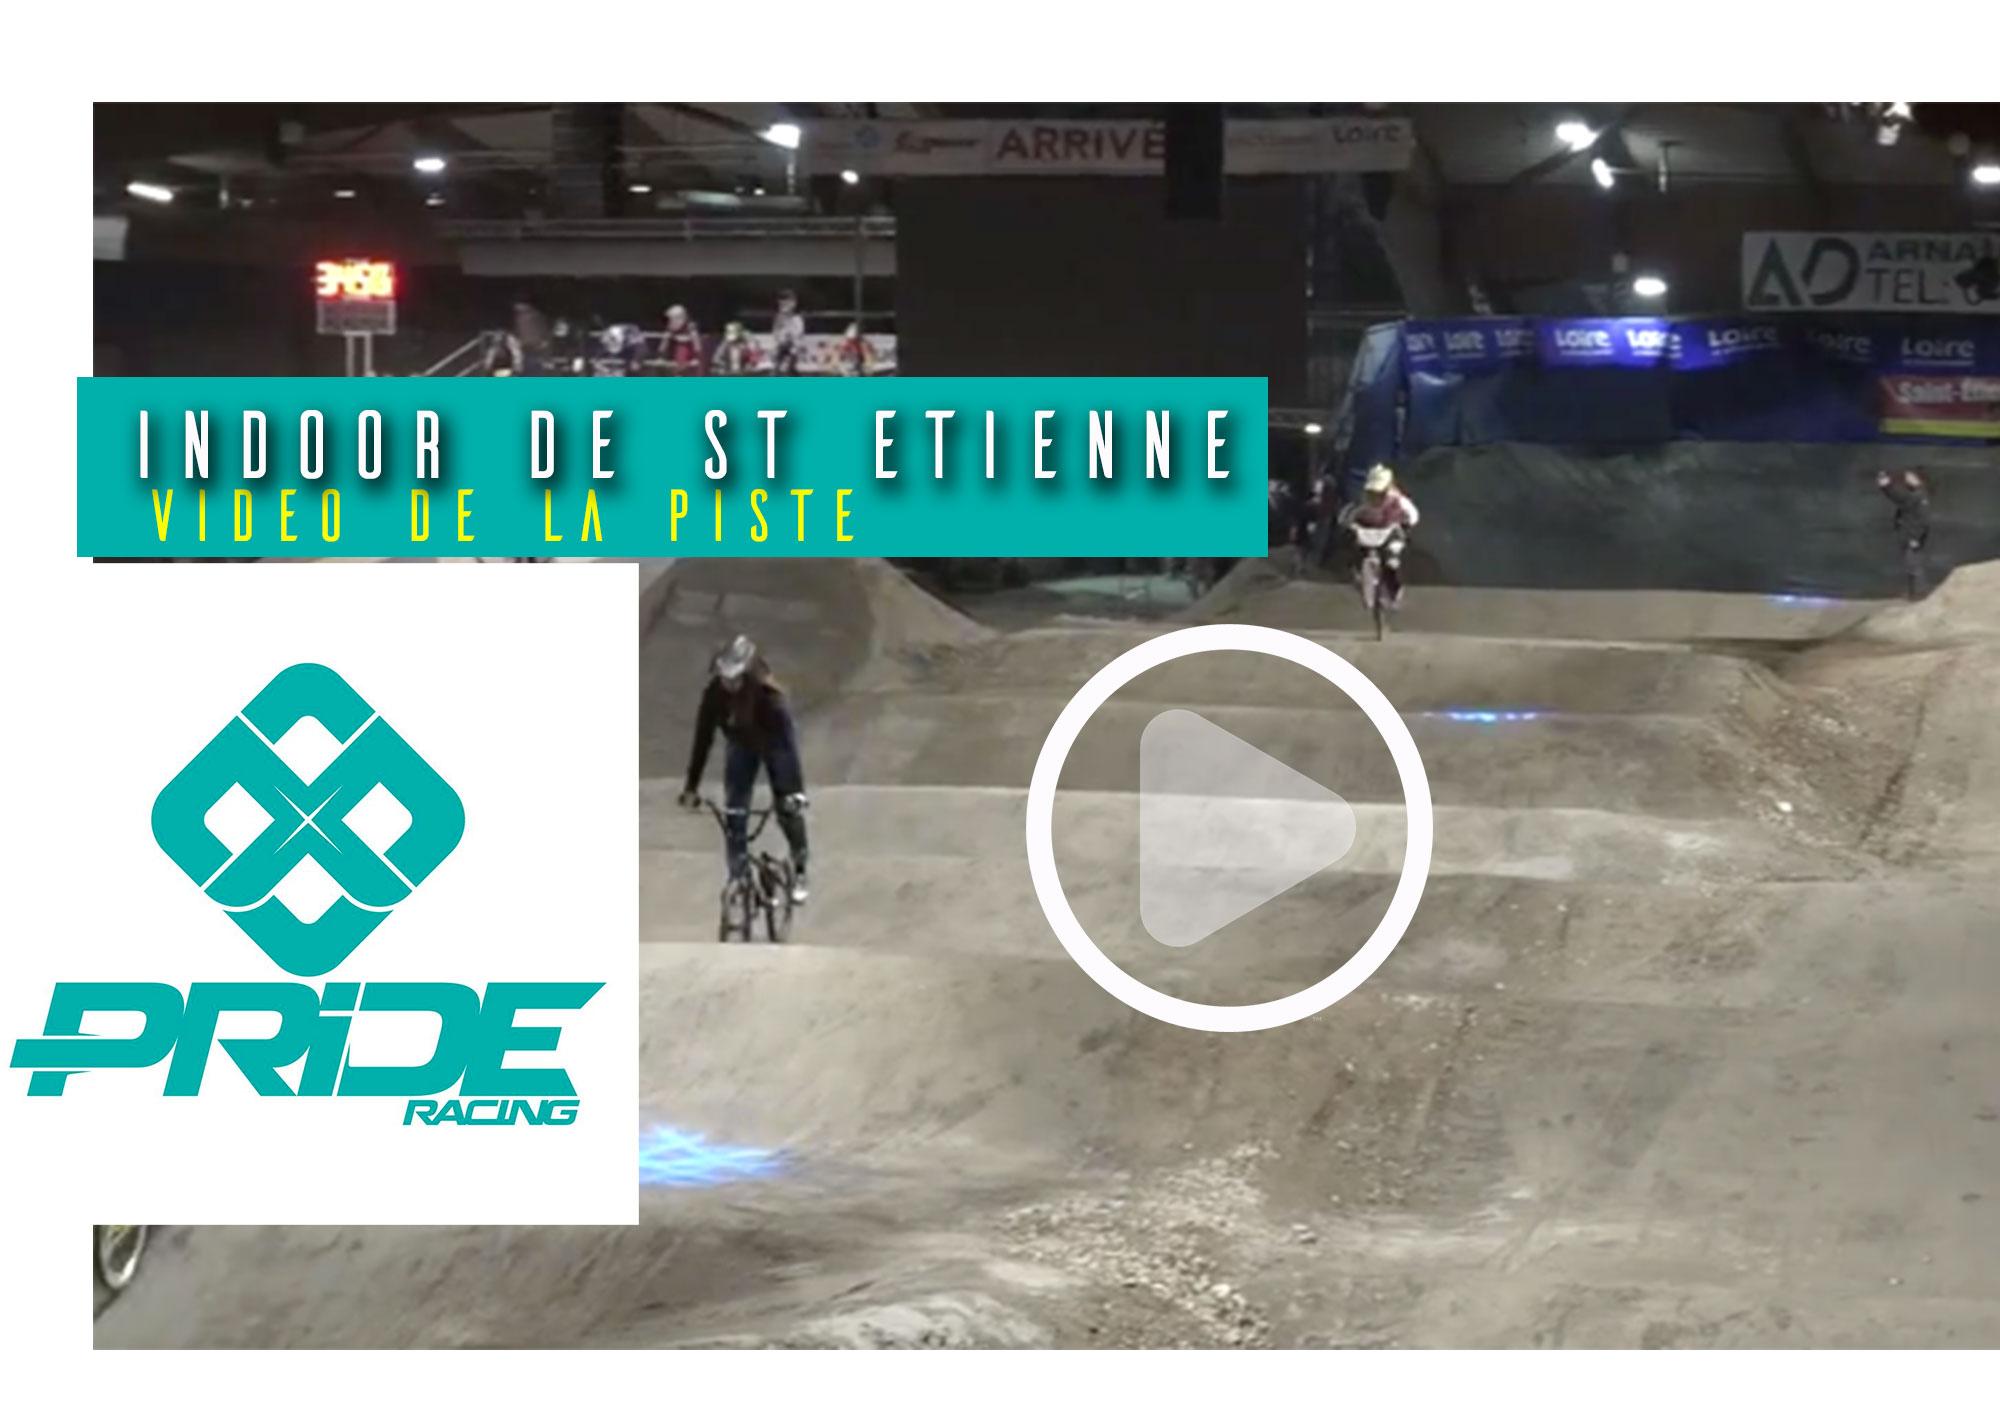 Indoor de St Etienne: Vidéo piste / Pride Racing